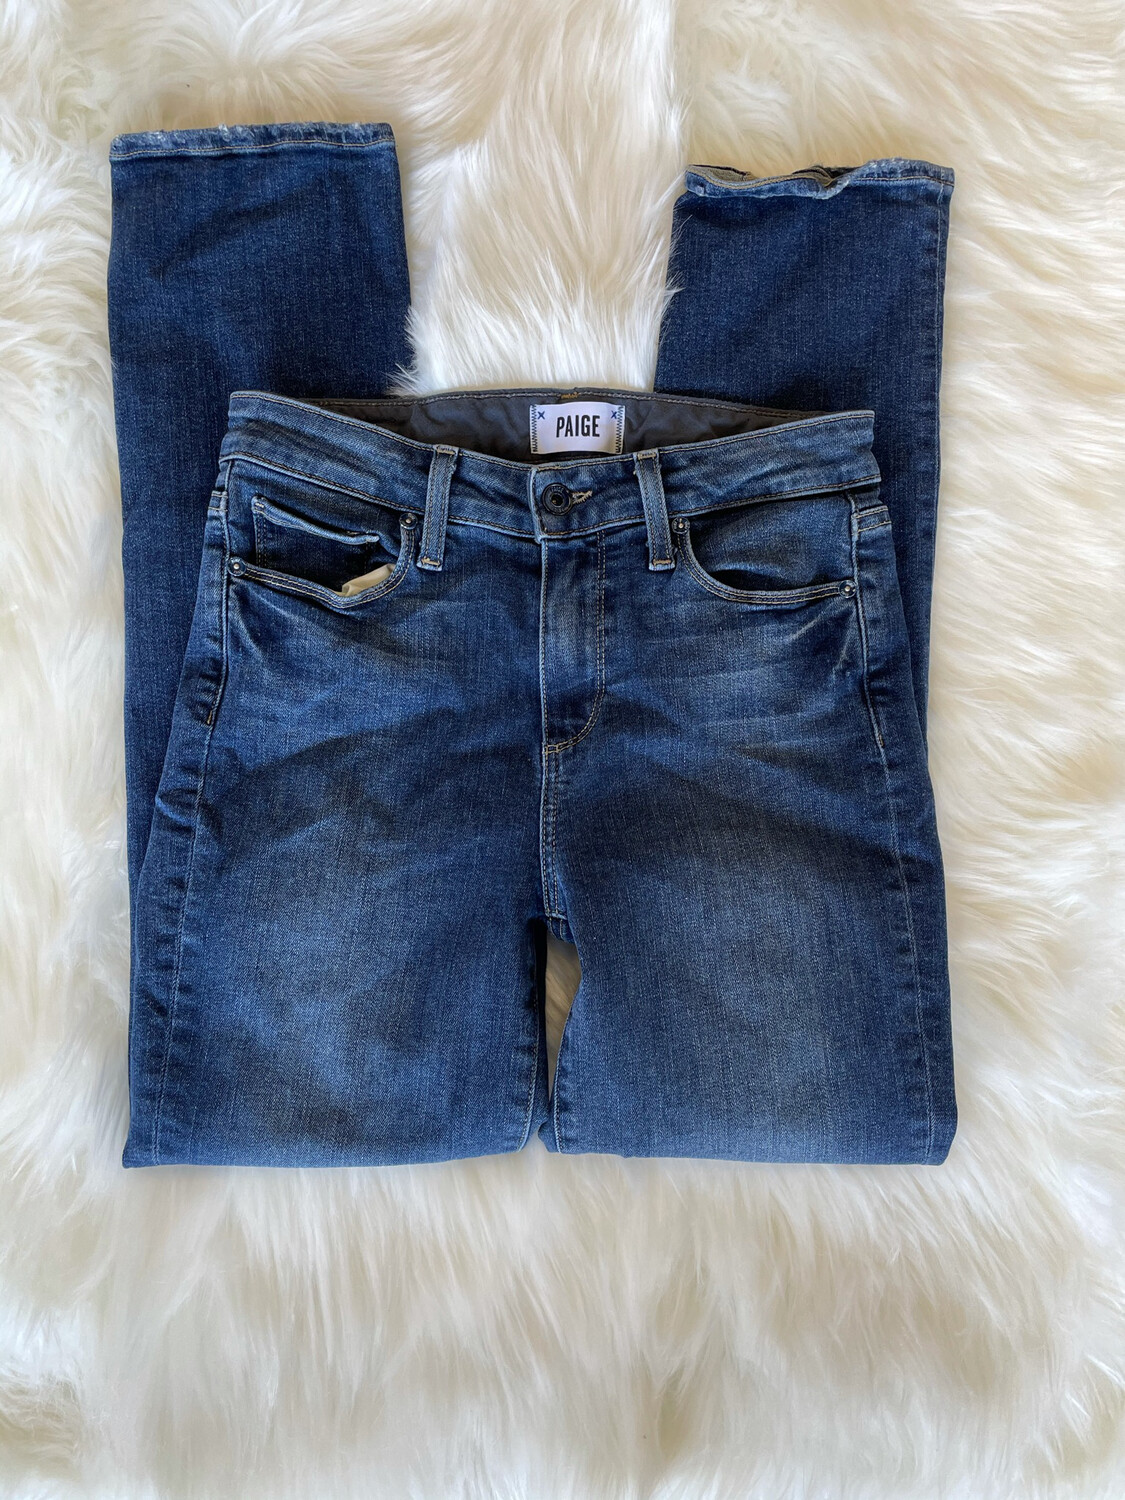 Paige Dark Jacqueline Straight Jeans - Size 26